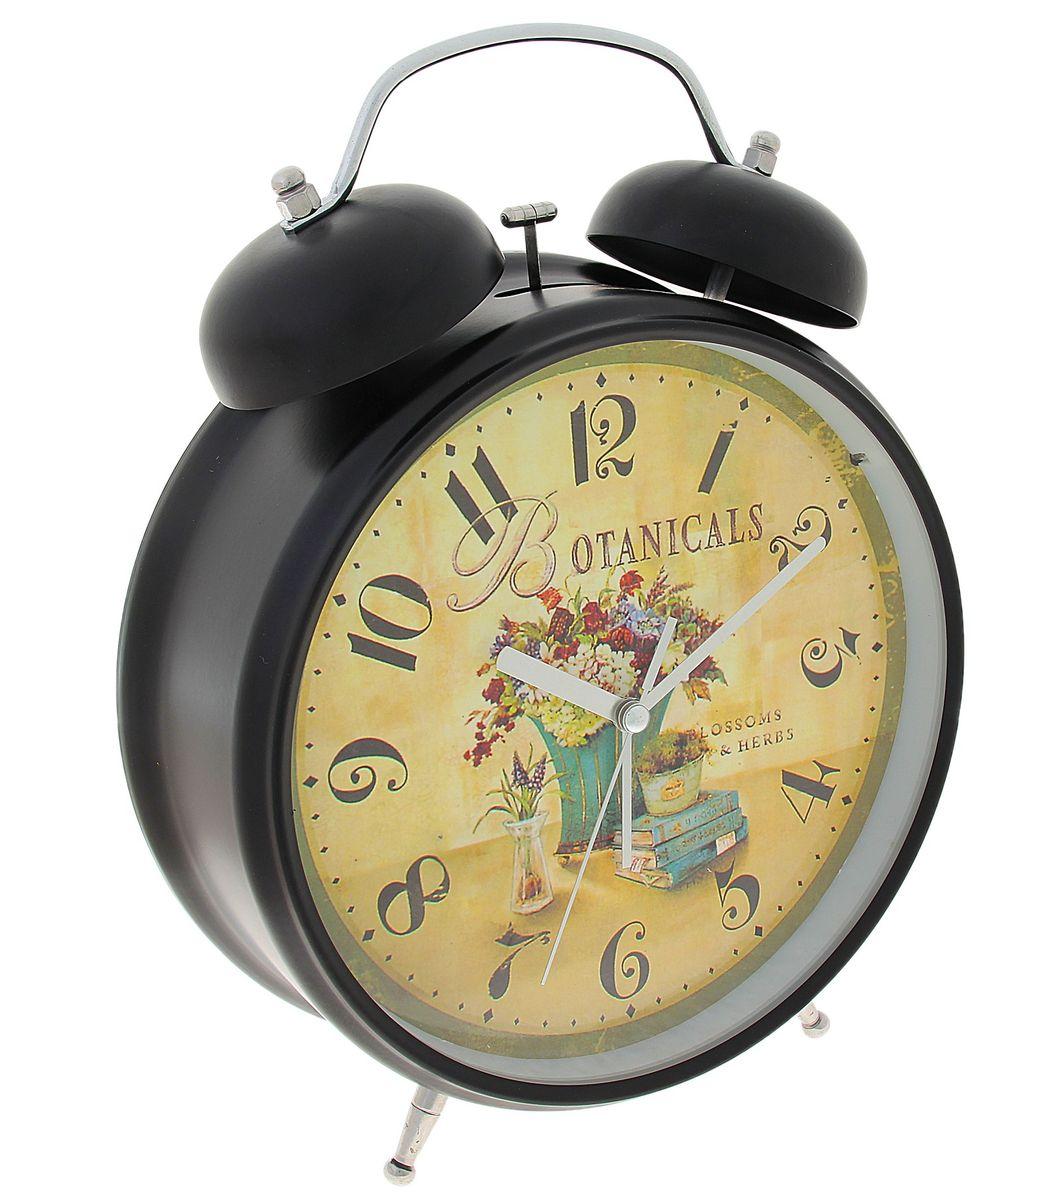 Часы-будильник Sima-land Botanicals, цвет: черный, бежевый, диаметр 20 см92266Часы-будильник Sima-land Botanicals - это невероятных размеров устройство, созданное специально для тех, кто с трудом просыпается по утрам!Изделие обладает оригинальным интересным дизайном. Такой будильник станет изюминкой вашего интерьера.Будильник работает от 3 батареек типа АА 1,5 В (в комплект не входят). На задней панели будильника расположены переключатель включения/выключения механизма, два поворотных рычага для настройки текущего времени и установки будильника, а также кнопка для включения подсветки циферблата.Диаметр циферблата: 20 см.